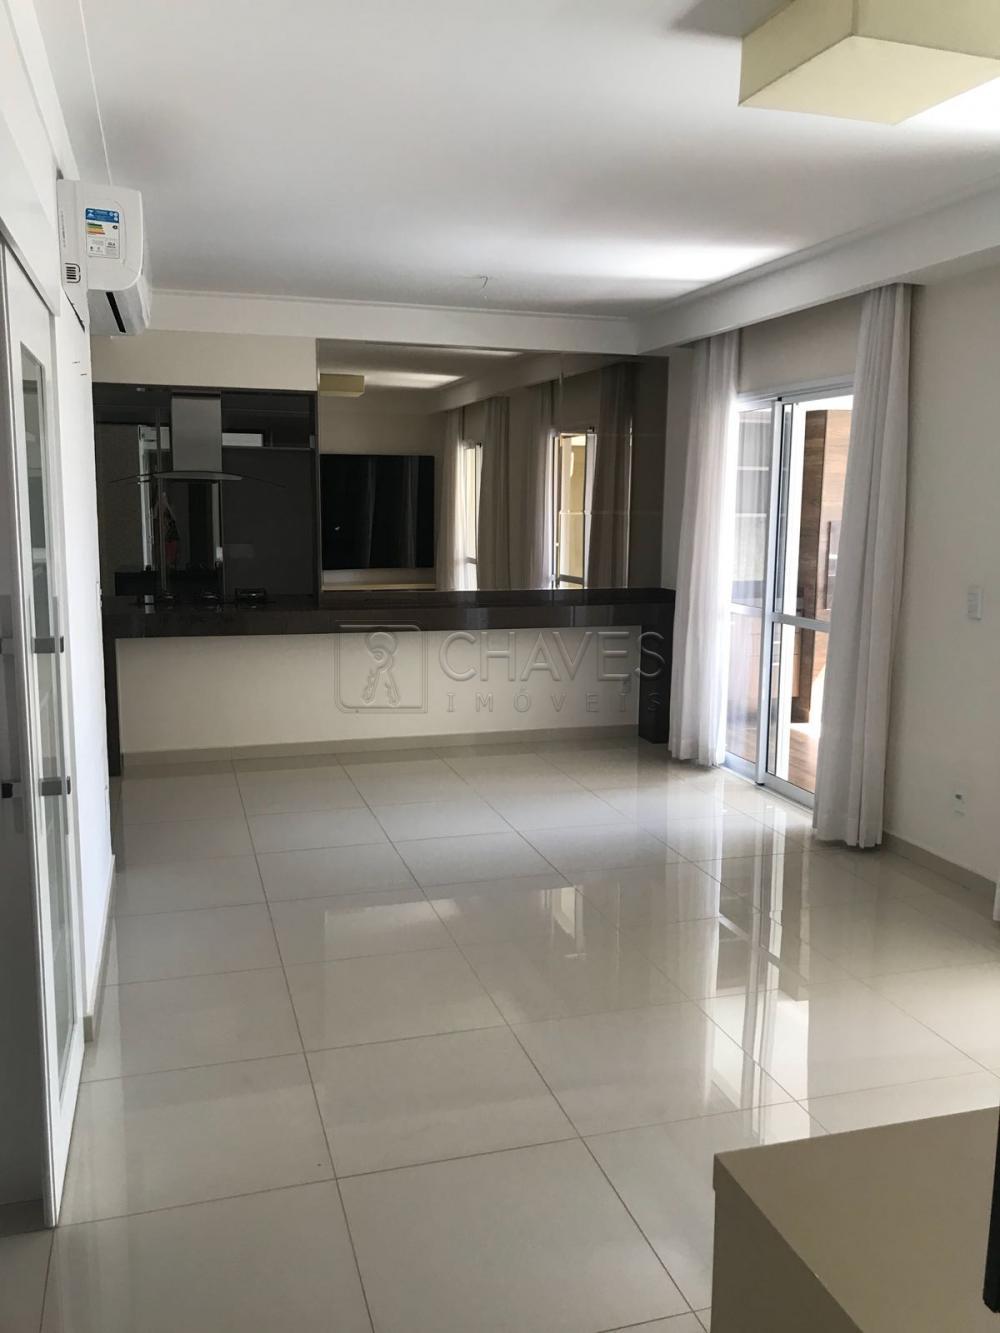 Comprar Apartamento / Padrão em Ribeirão Preto apenas R$ 720.000,00 - Foto 3